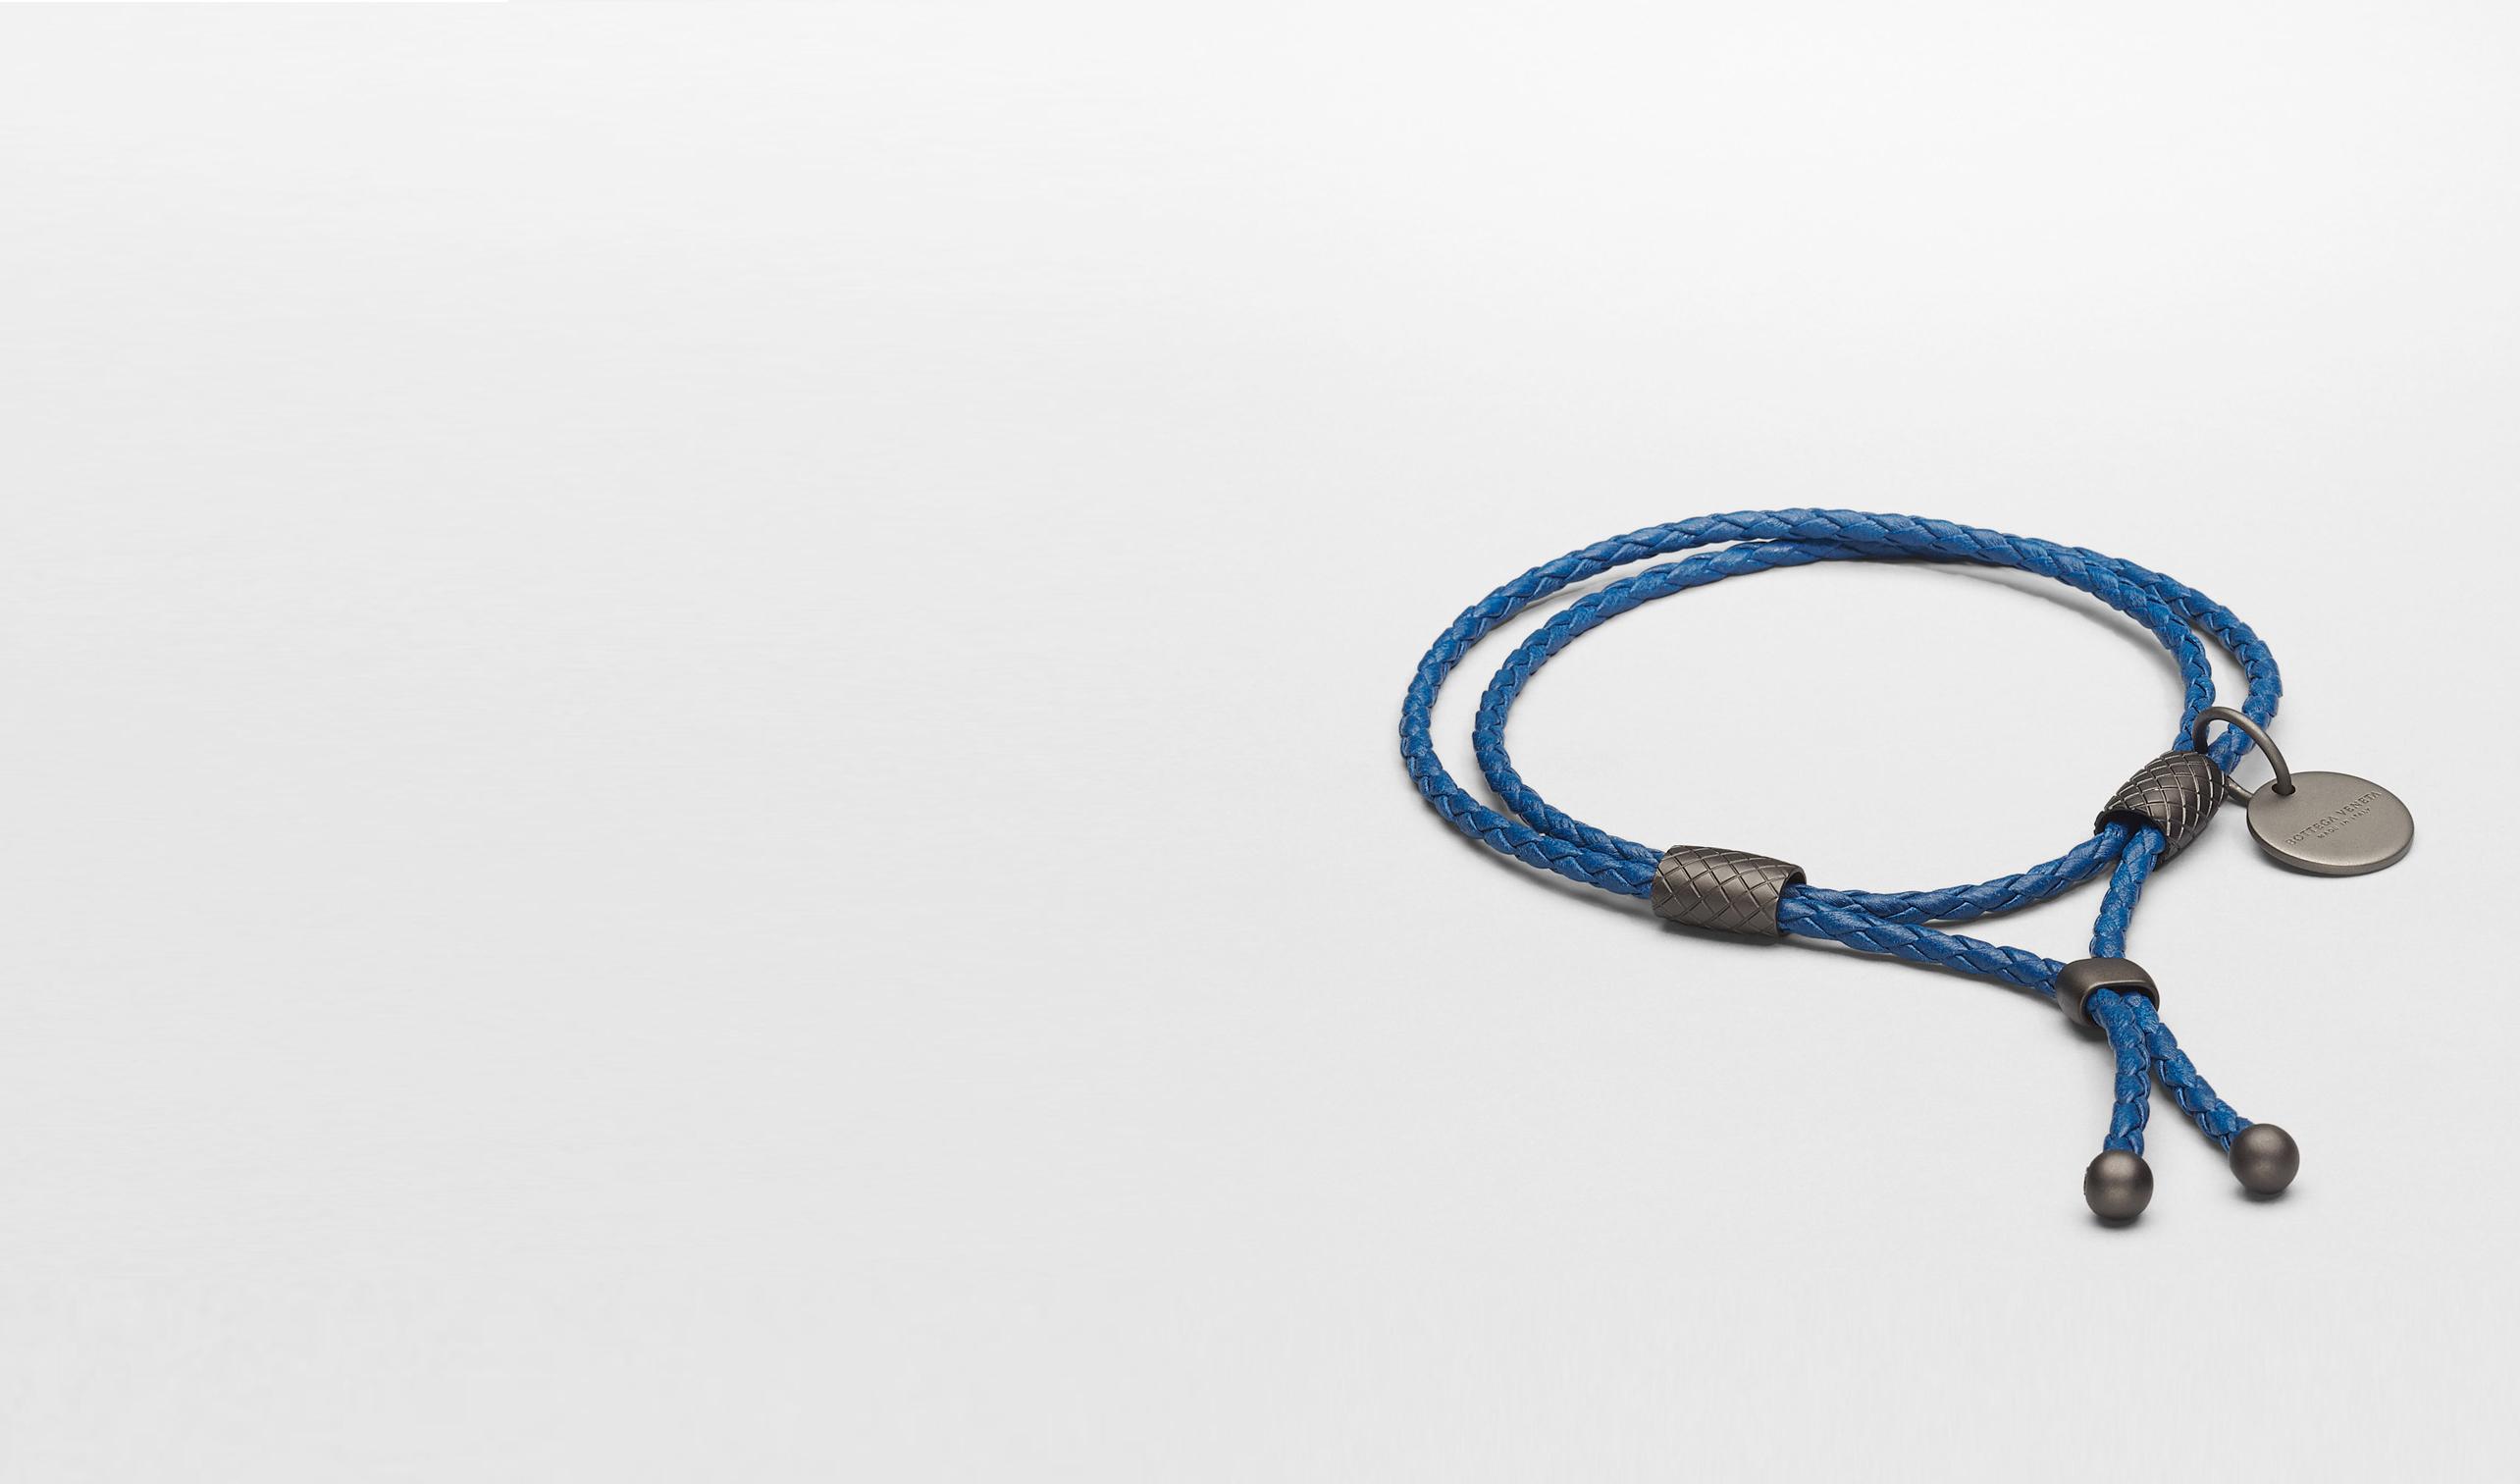 BOTTEGA VENETA Weiteres Leder Accessoire E Armband aus Nappaleder Intrecciato Électrique pl